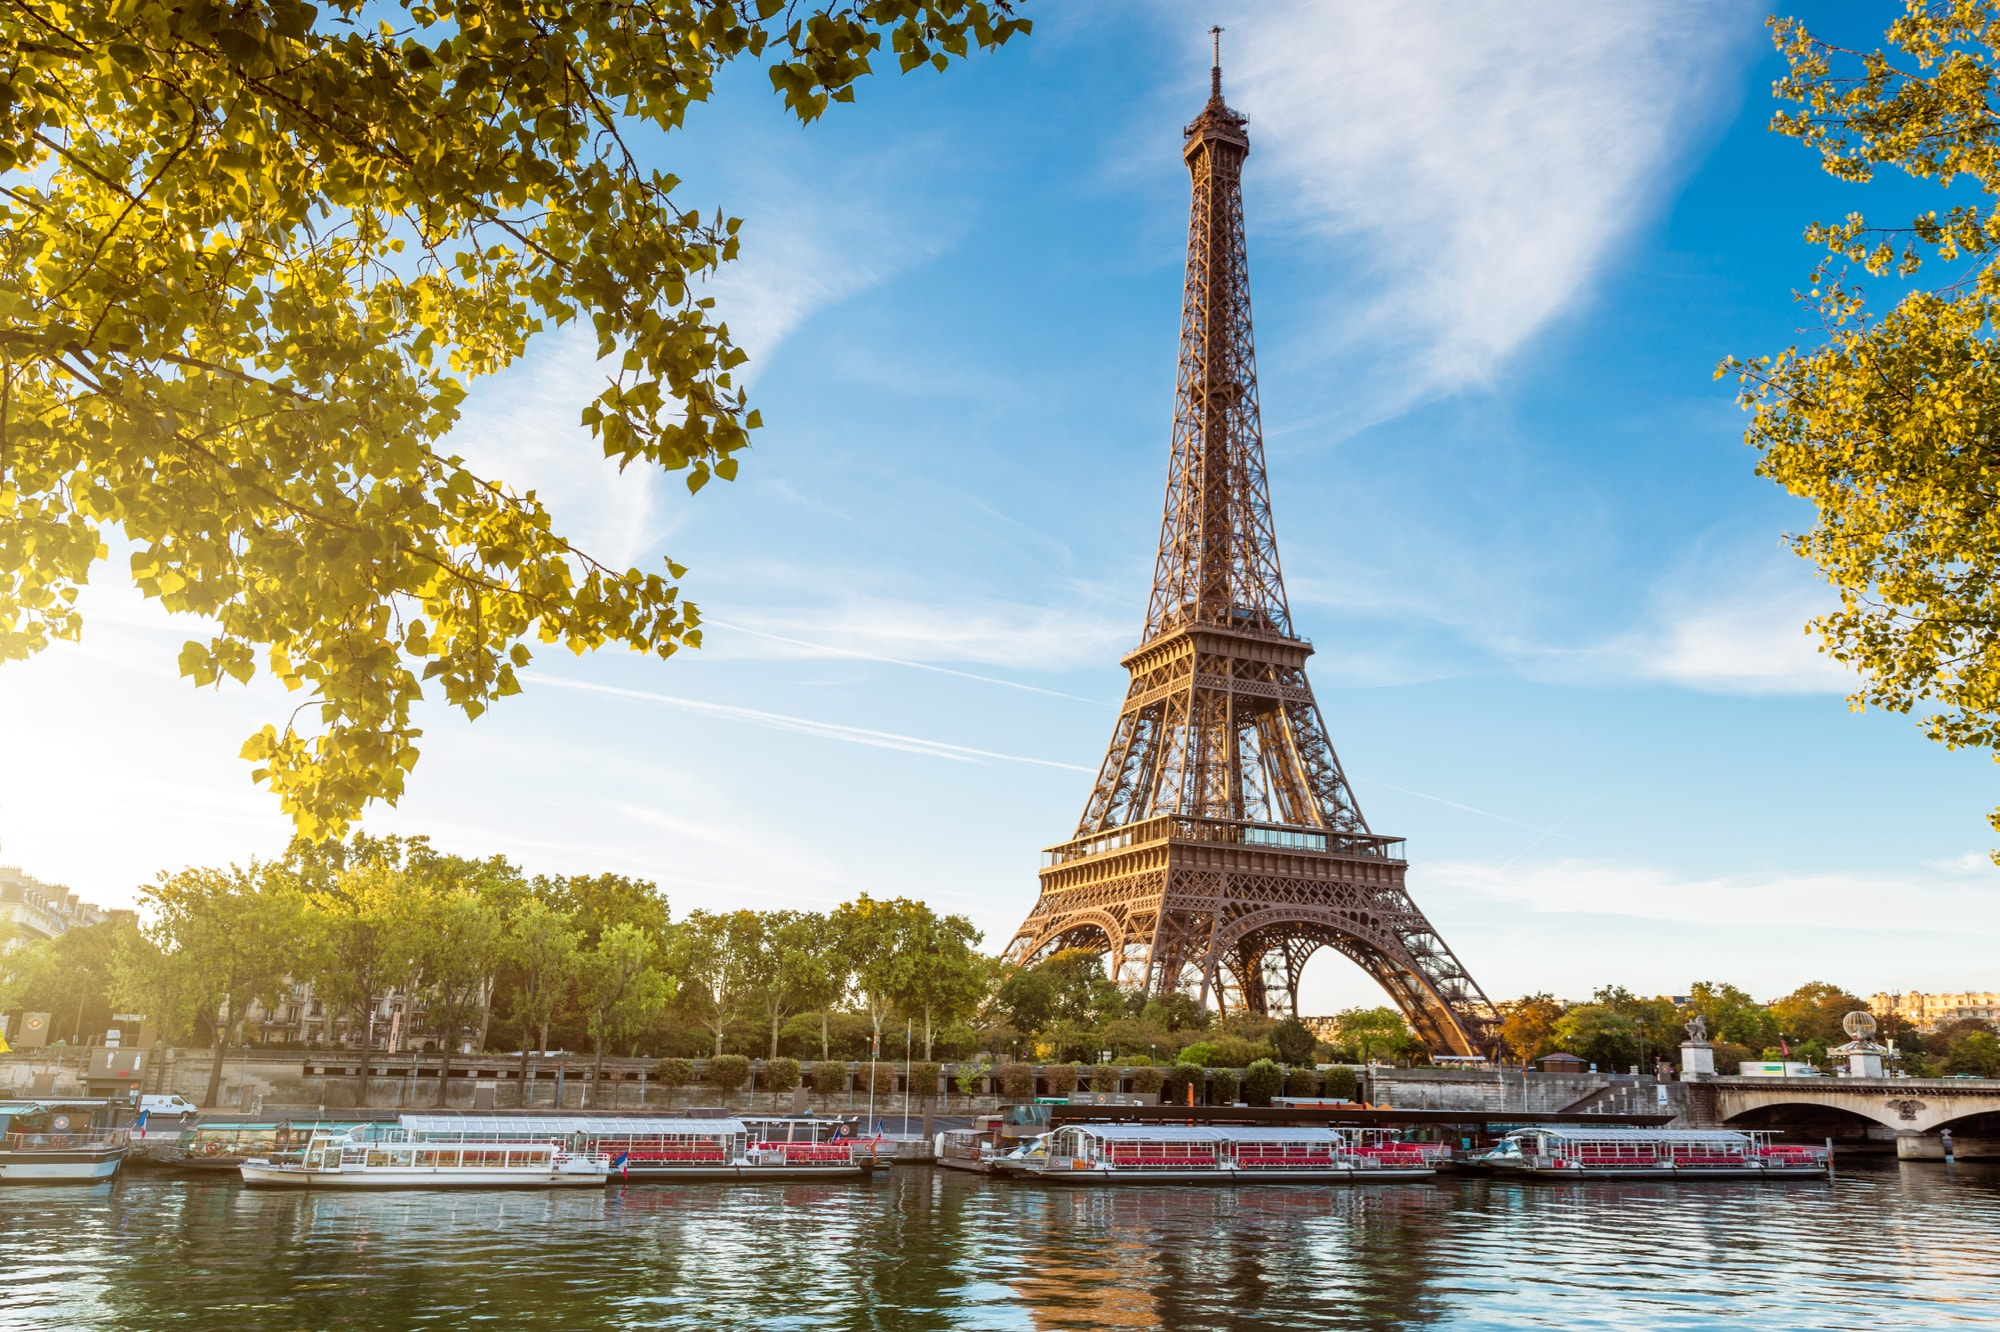 フランスのシンボル、エッフェル塔の見どころ3選!夜景の ...